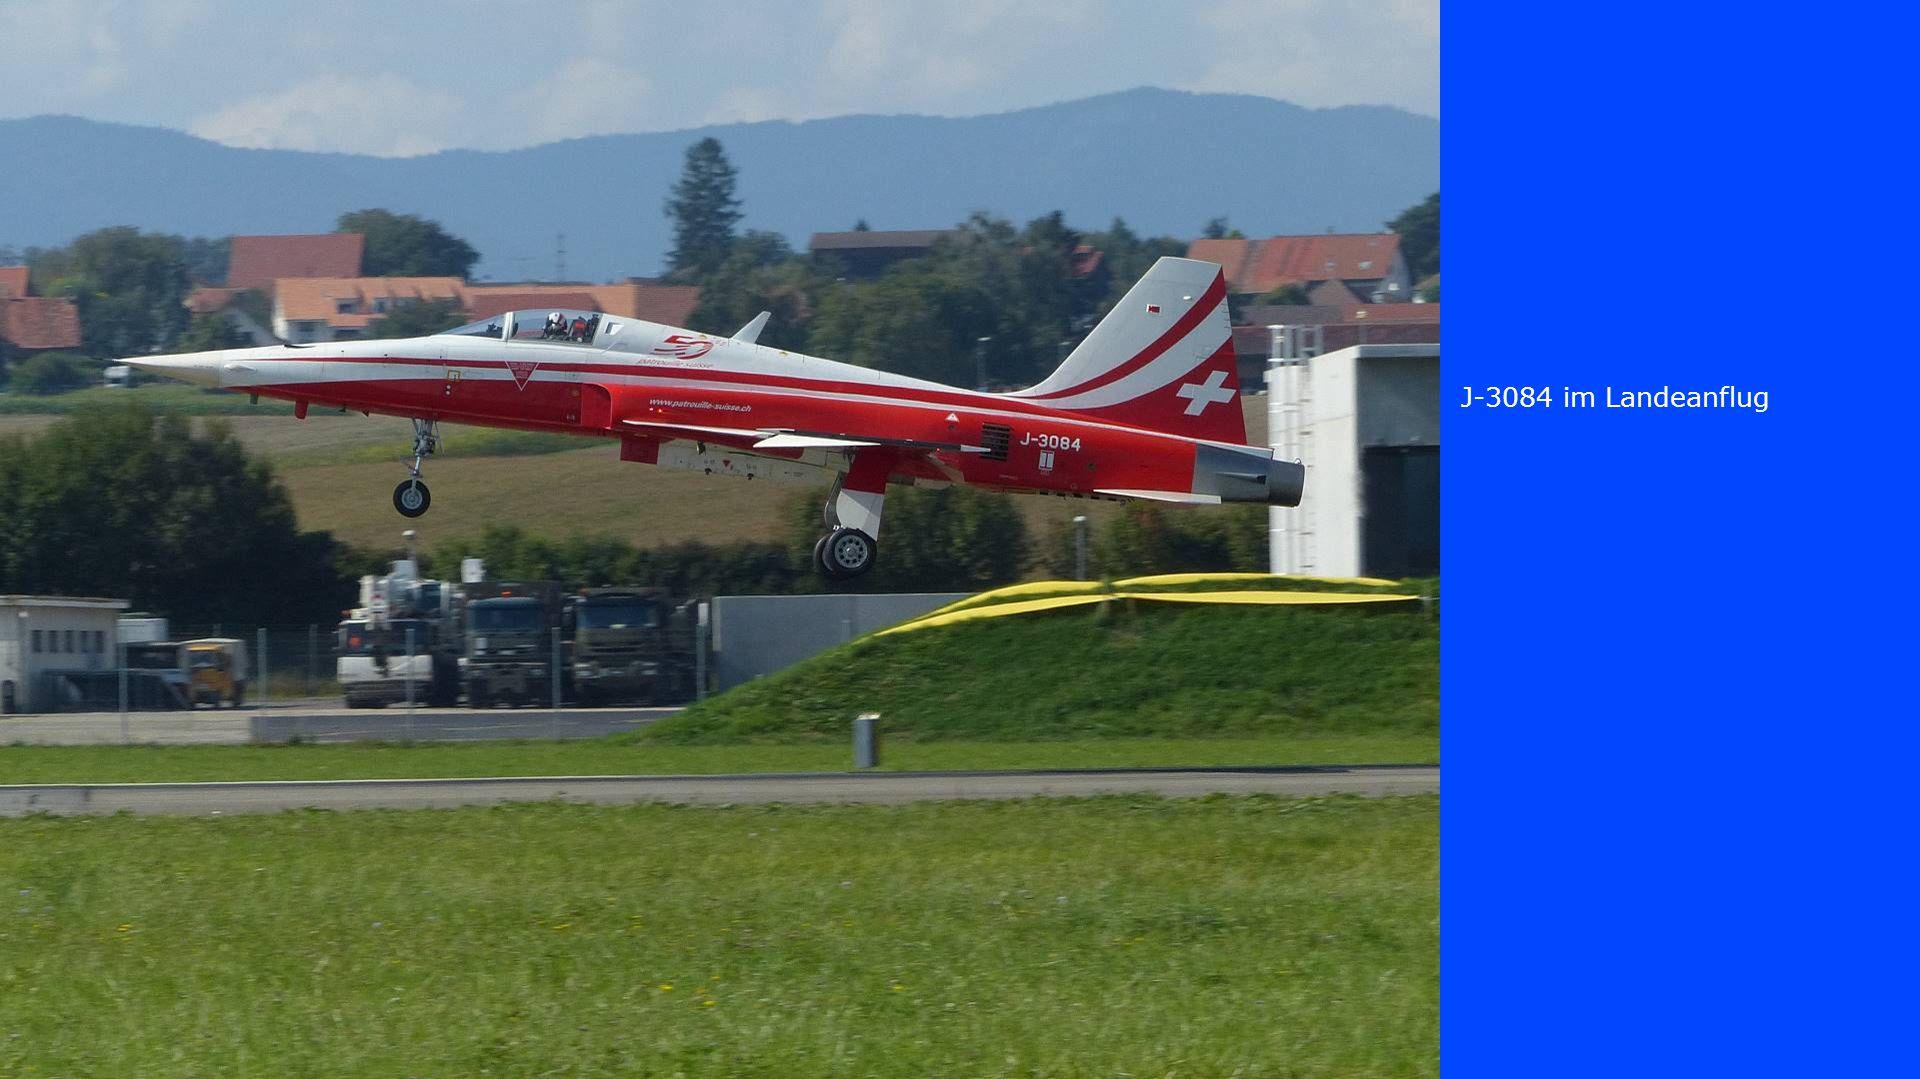 J-3084 im Landeanflug